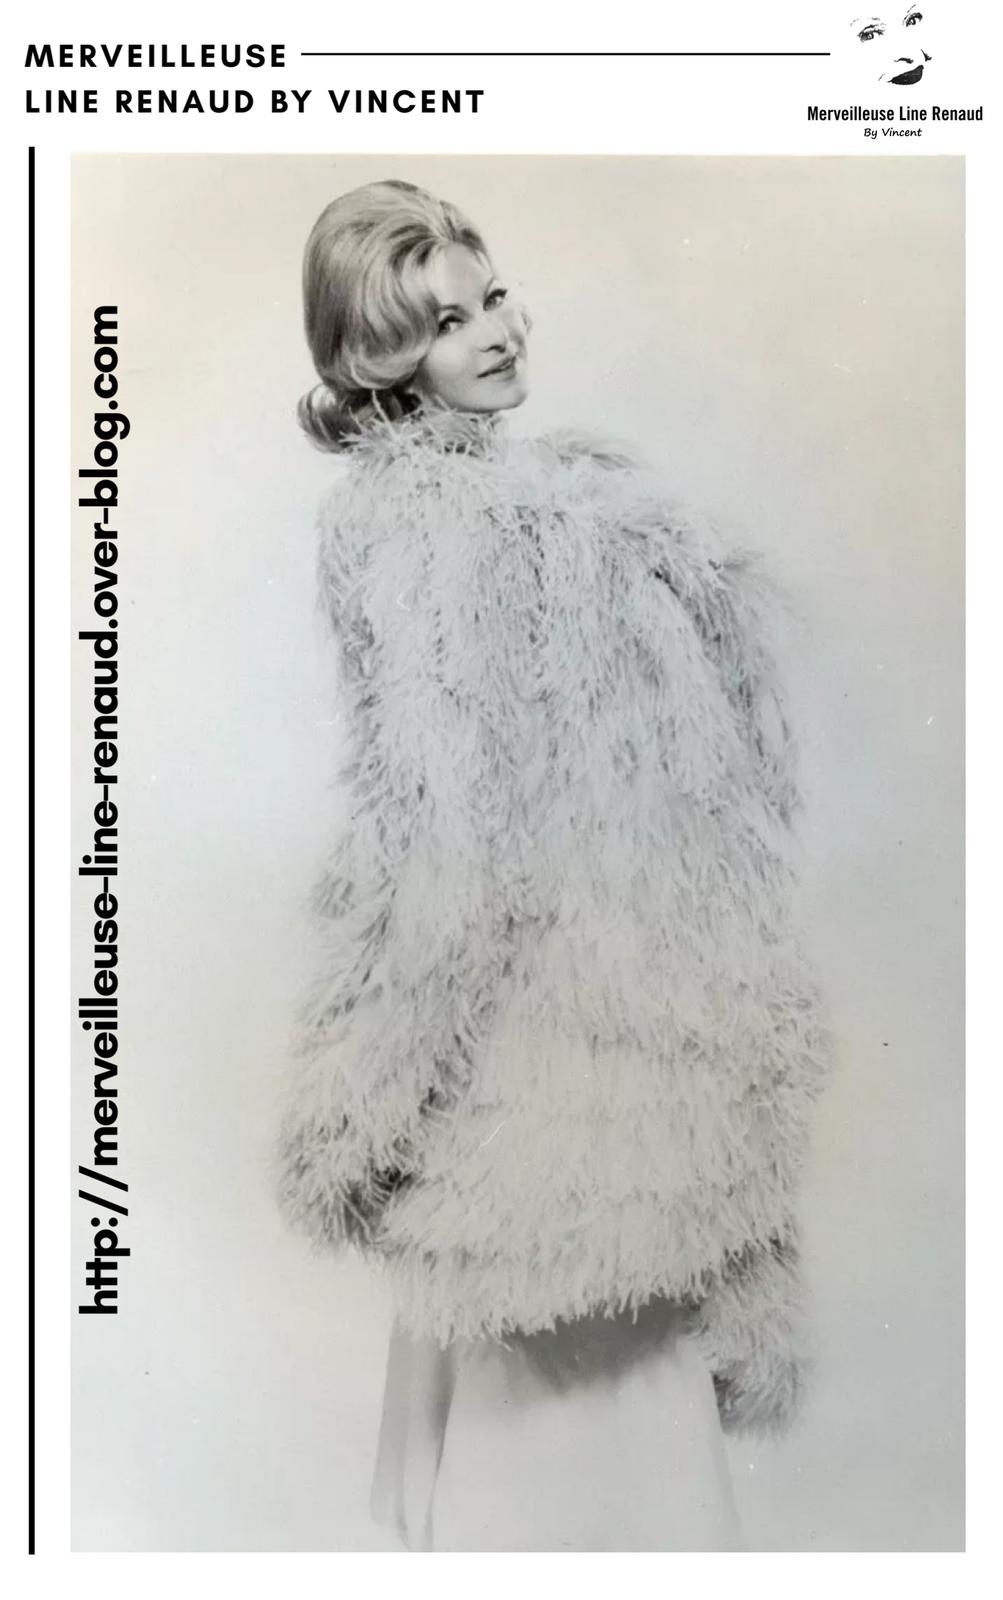 PHOTOS: Line Renaud à Las Vegas (1968)